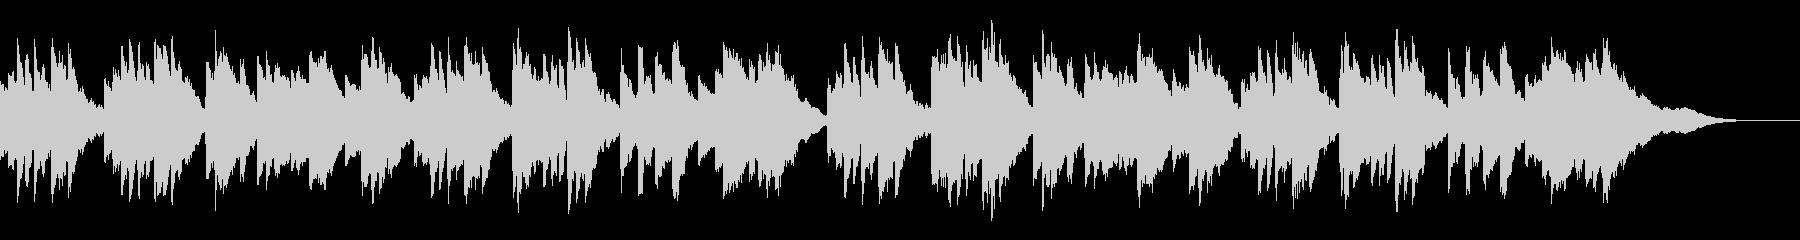 プラネタリウムをイメージしたピアノソロ曲の未再生の波形